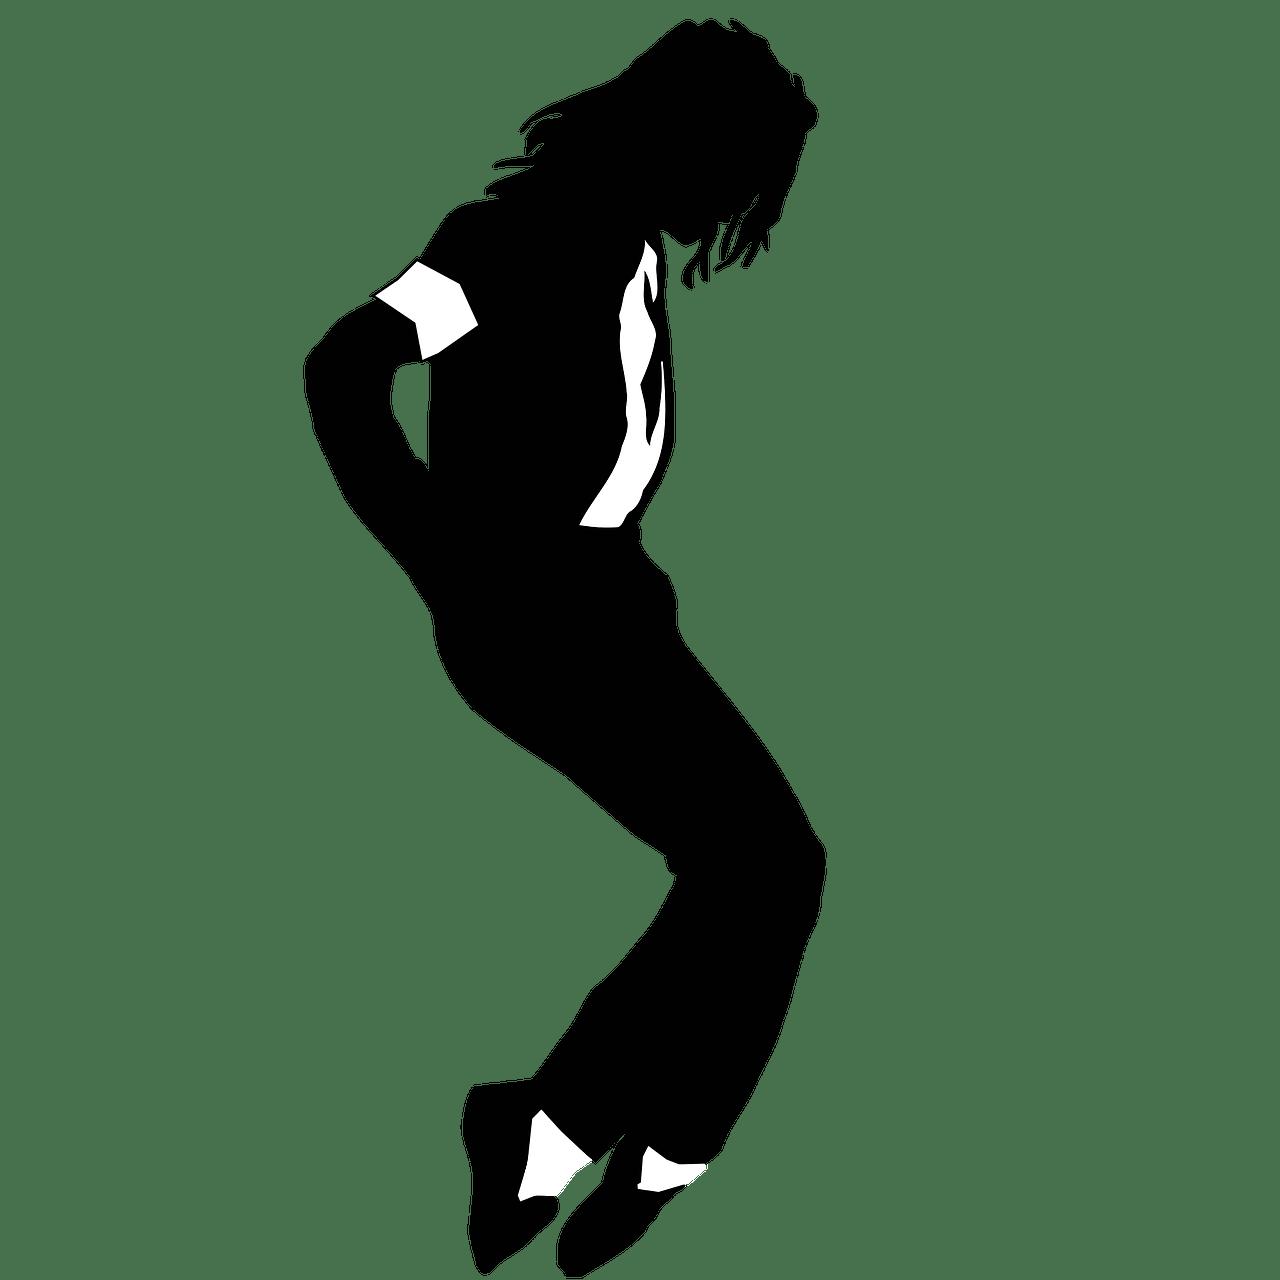 1280x1280 Michael Jackson Silhouette Transparent Png